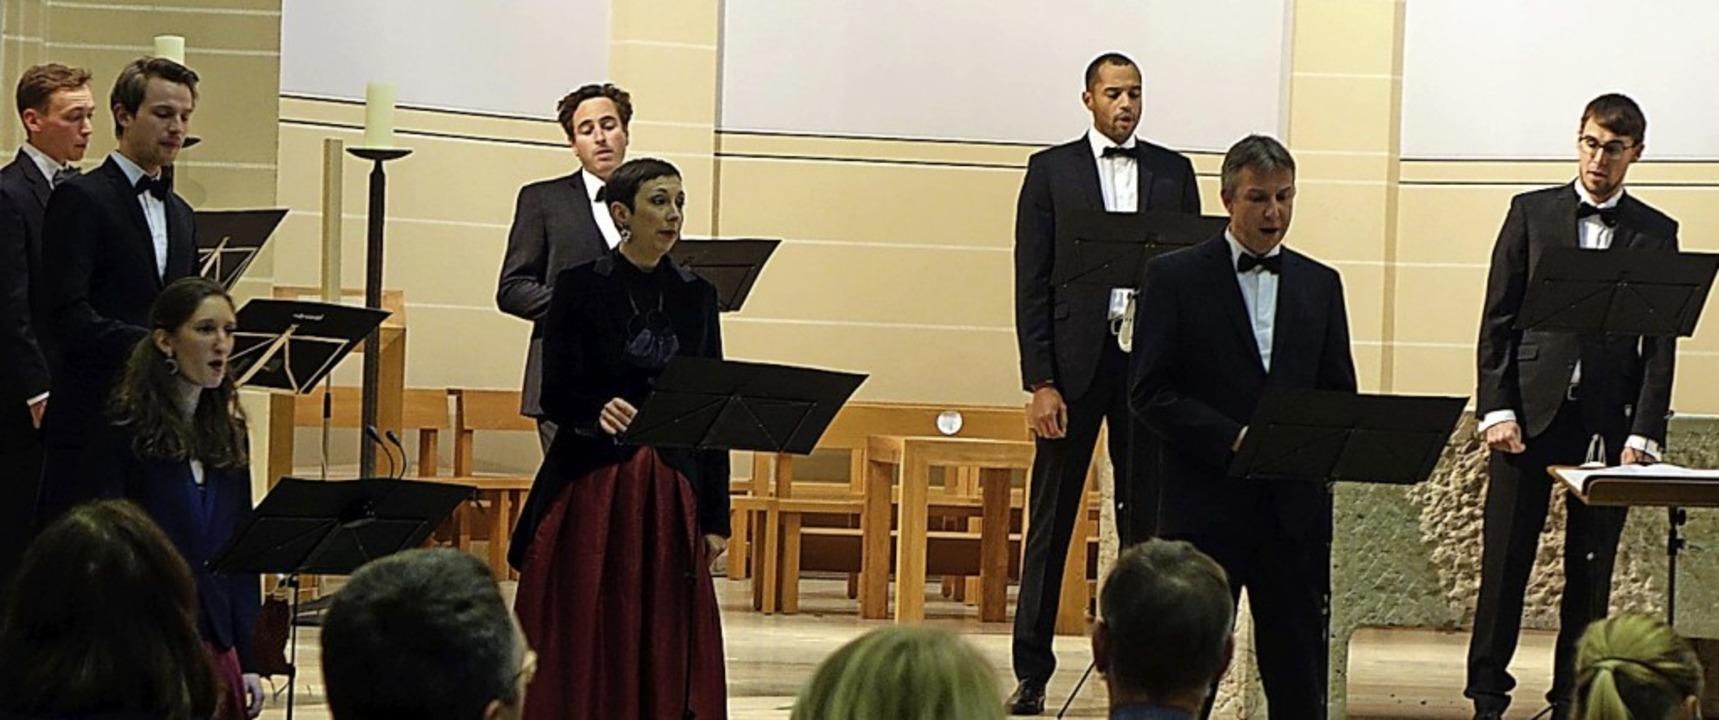 Die Sänger des Kammerchors Stuttgart n...Konzerts unterschiedliche Plätze ein.   | Foto: Roswitha Frey